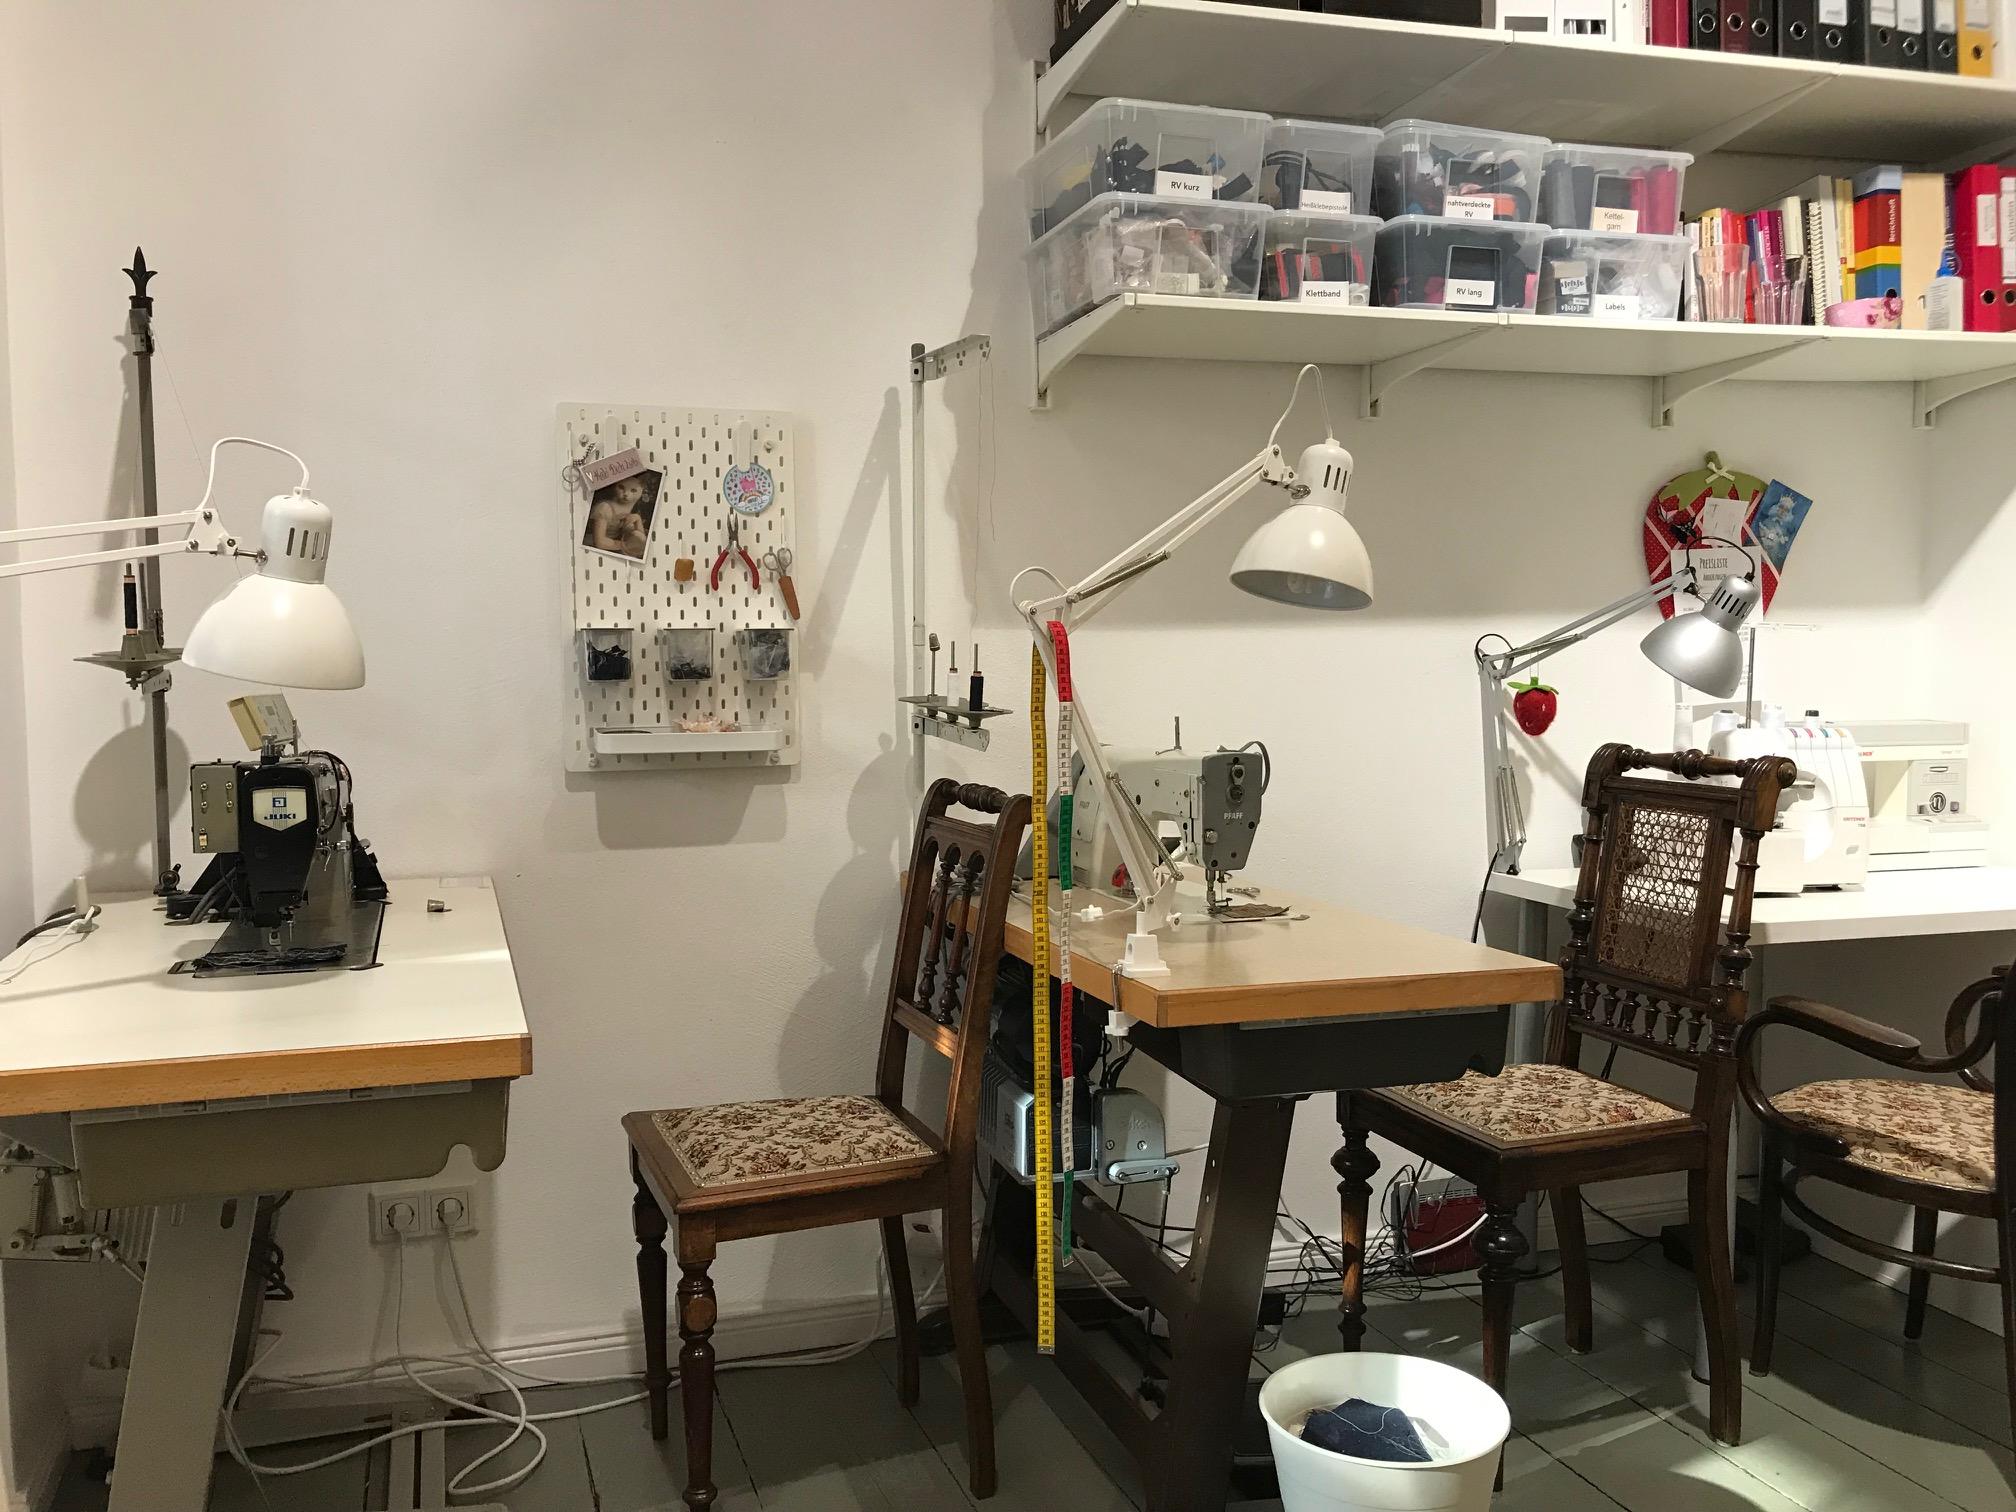 atelier nuno (c) Foto von Marie Schmunkamp